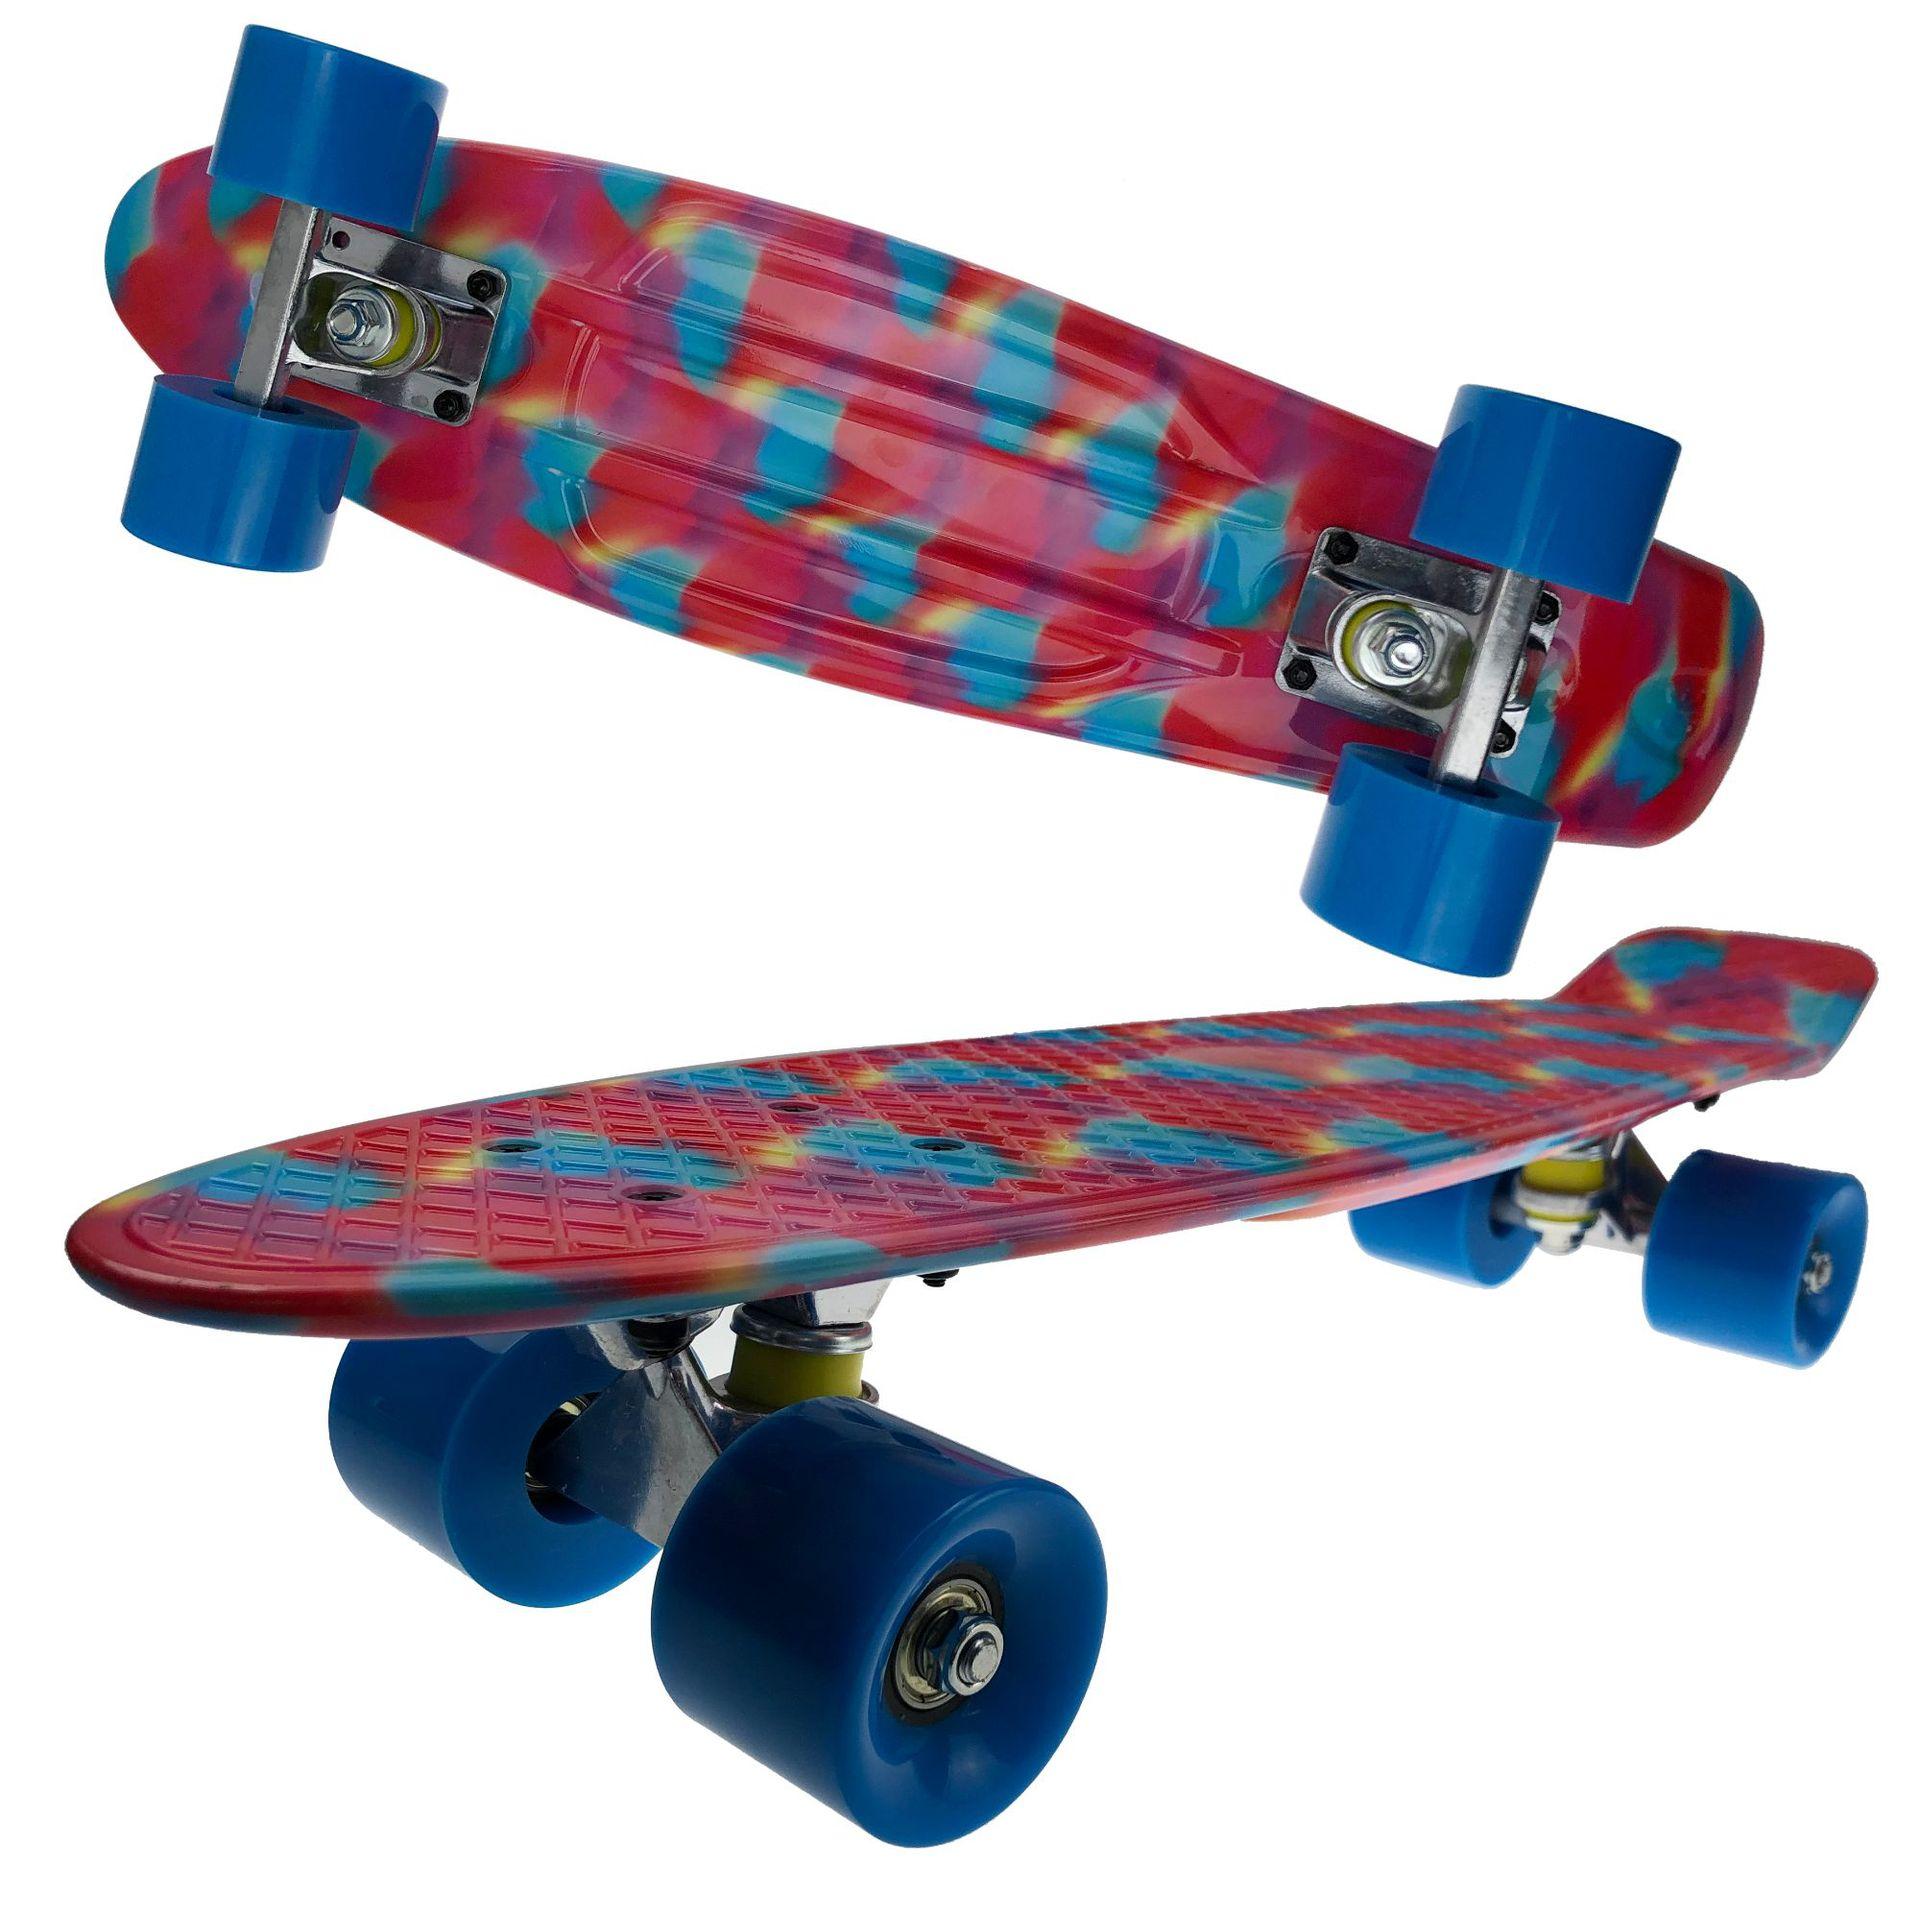 Nouveau Style quatre roues Skateboard Scooter Double face transfert d'eau enfants cadeau poisson Skateboard fabricants en gros